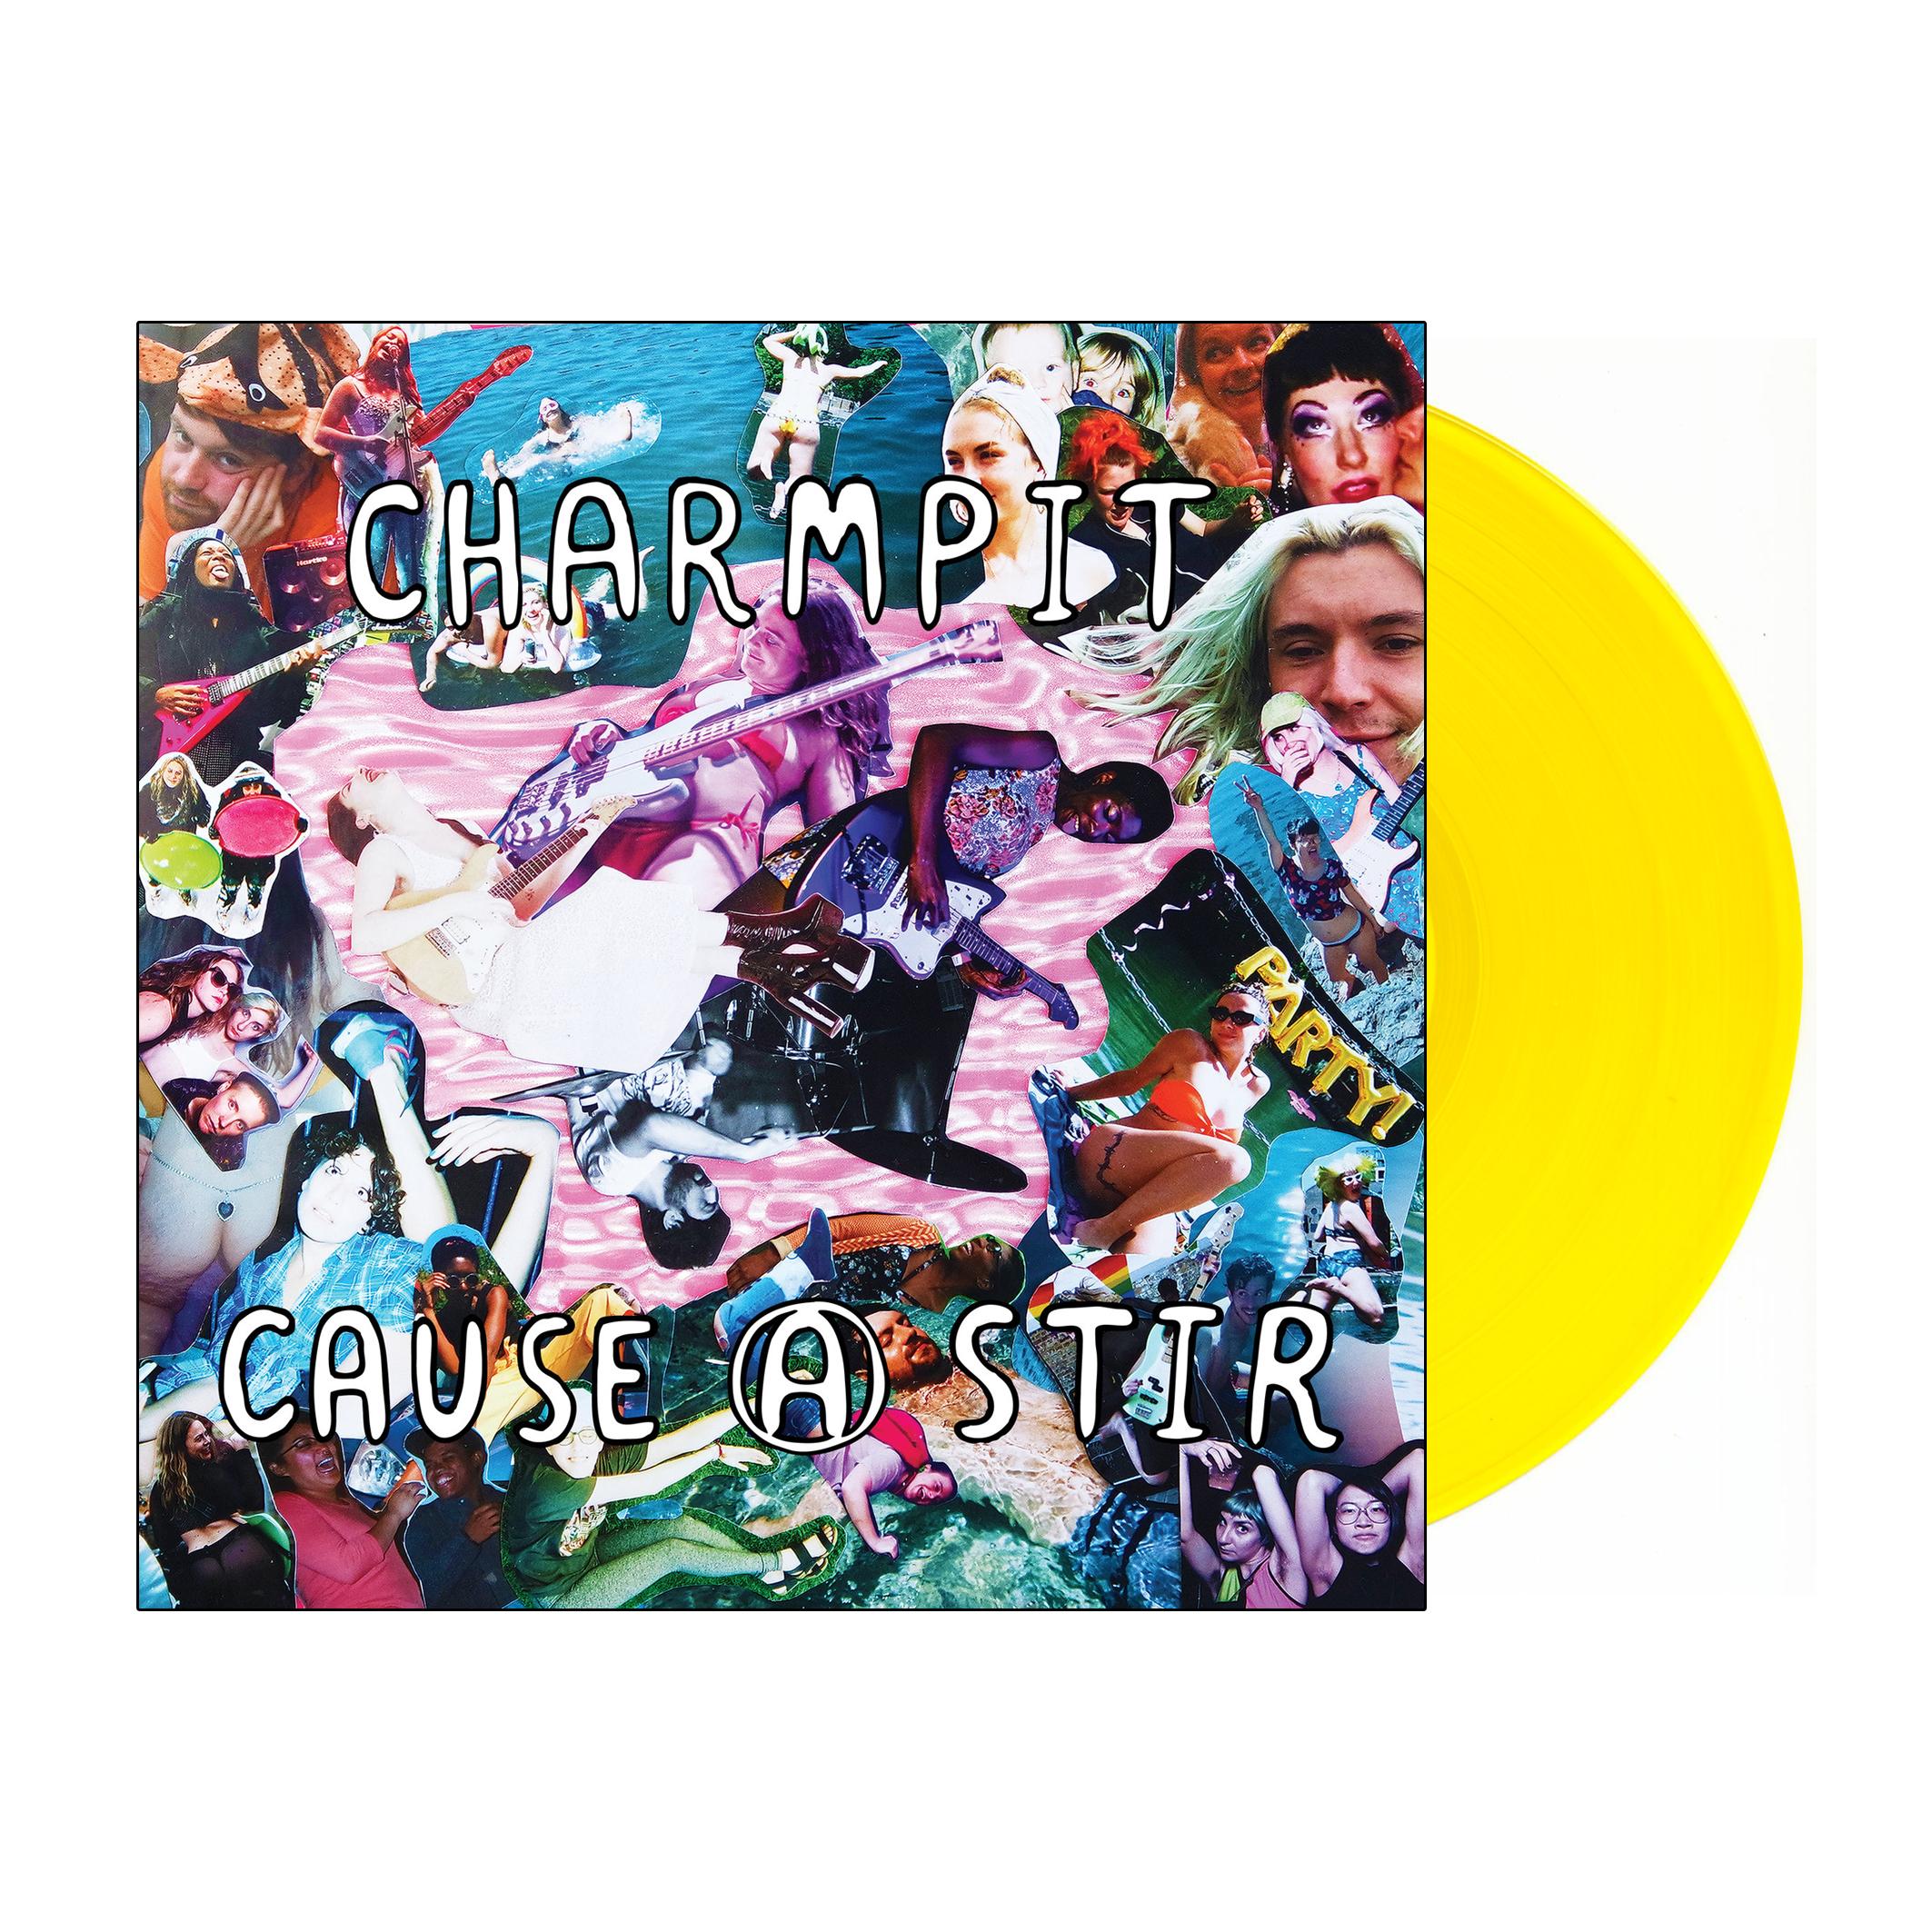 Charmpit - Cause A Stir LP